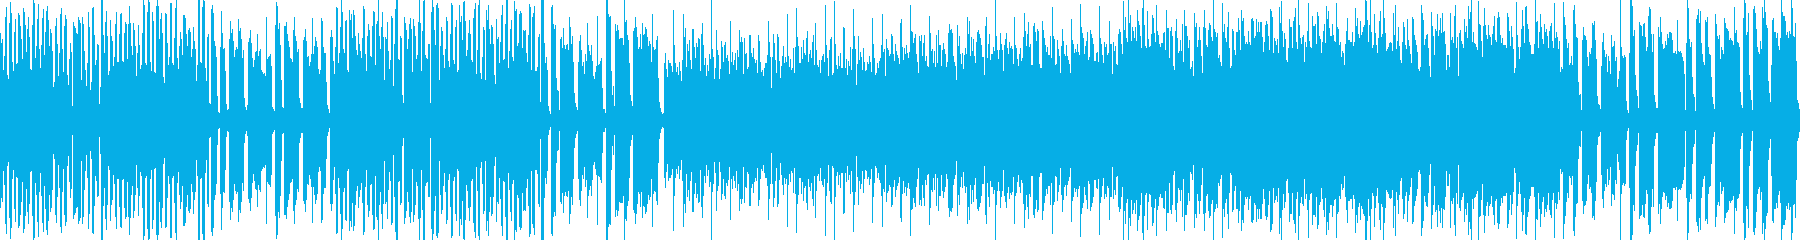 優しい・包み込むような・明るいゲーム音楽の再生済みの波形